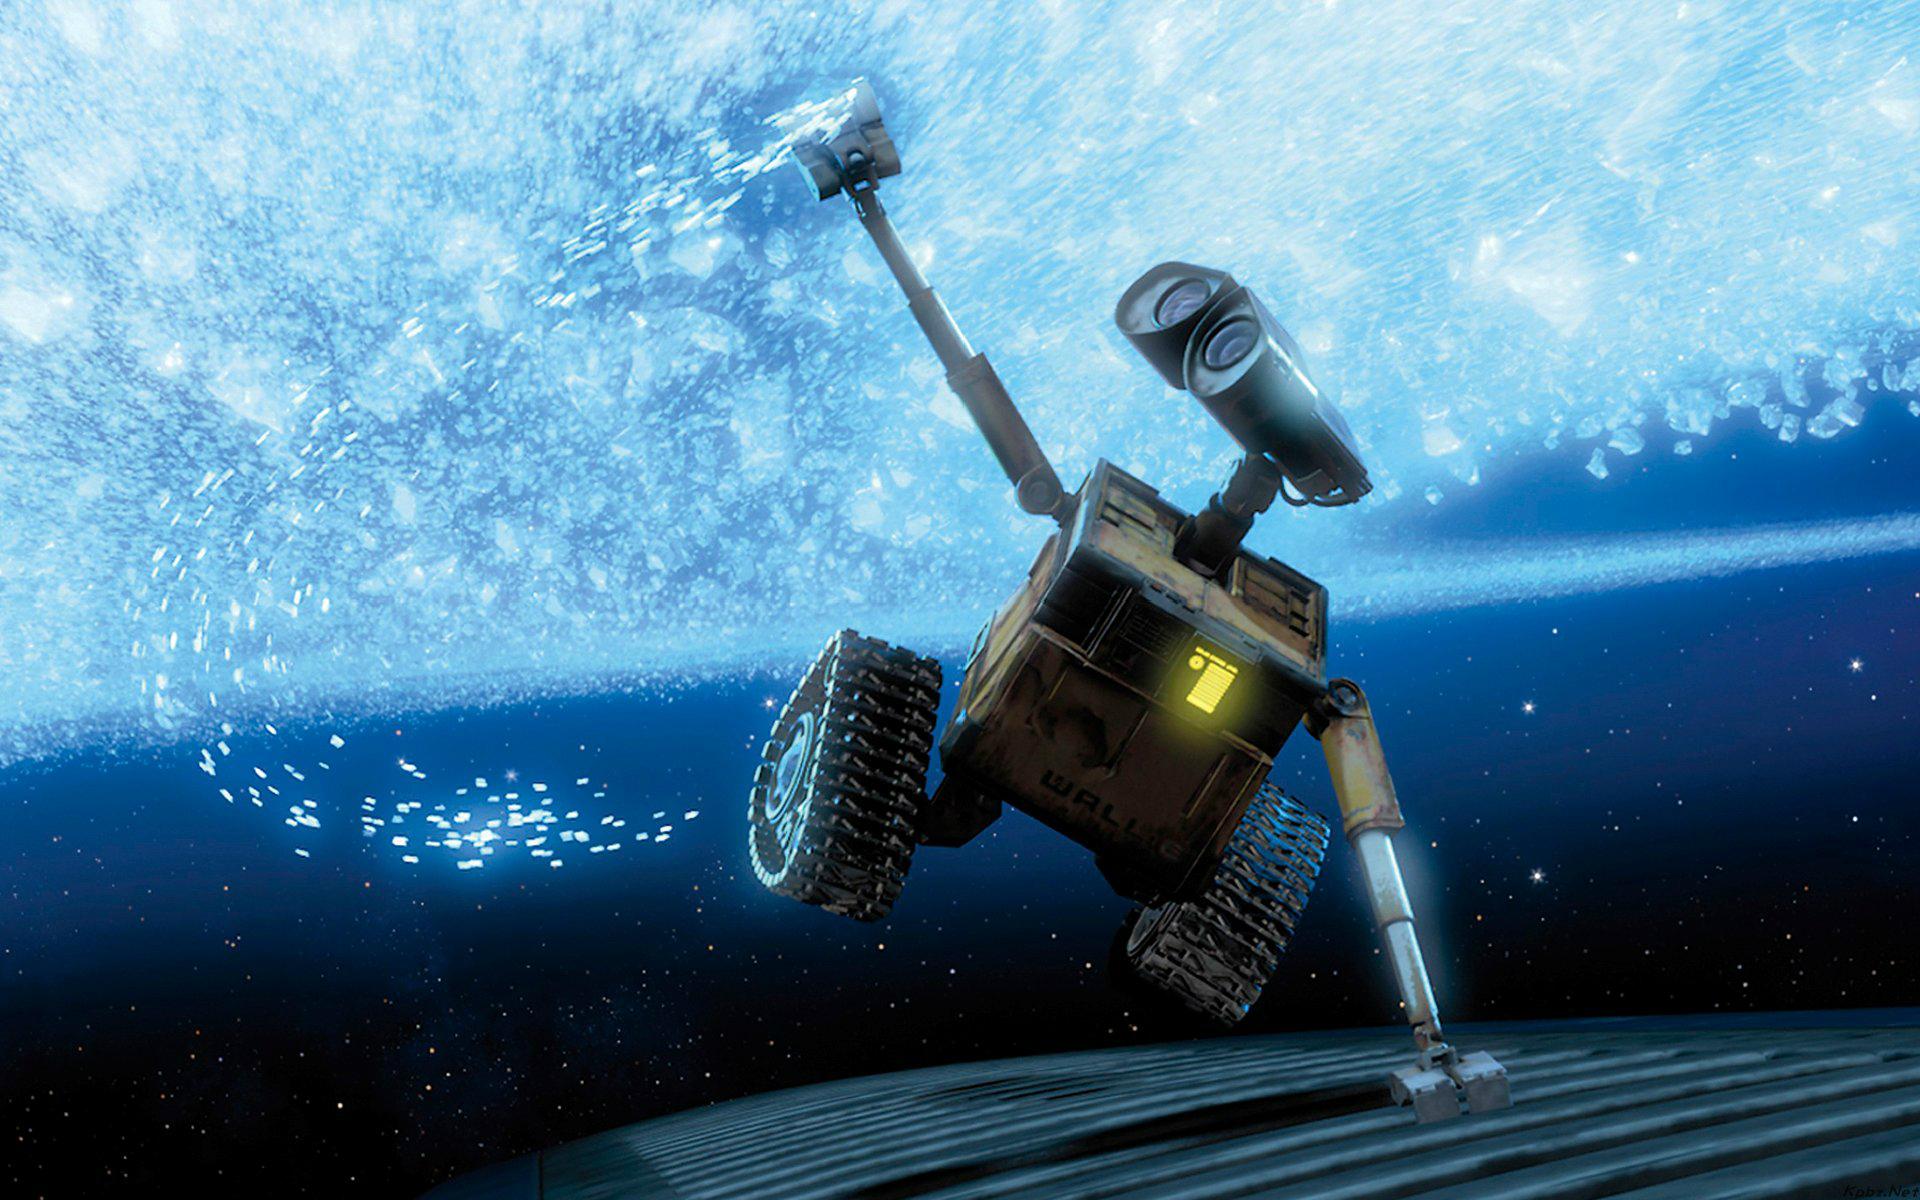 最喜欢的电影-《机器人总动员》